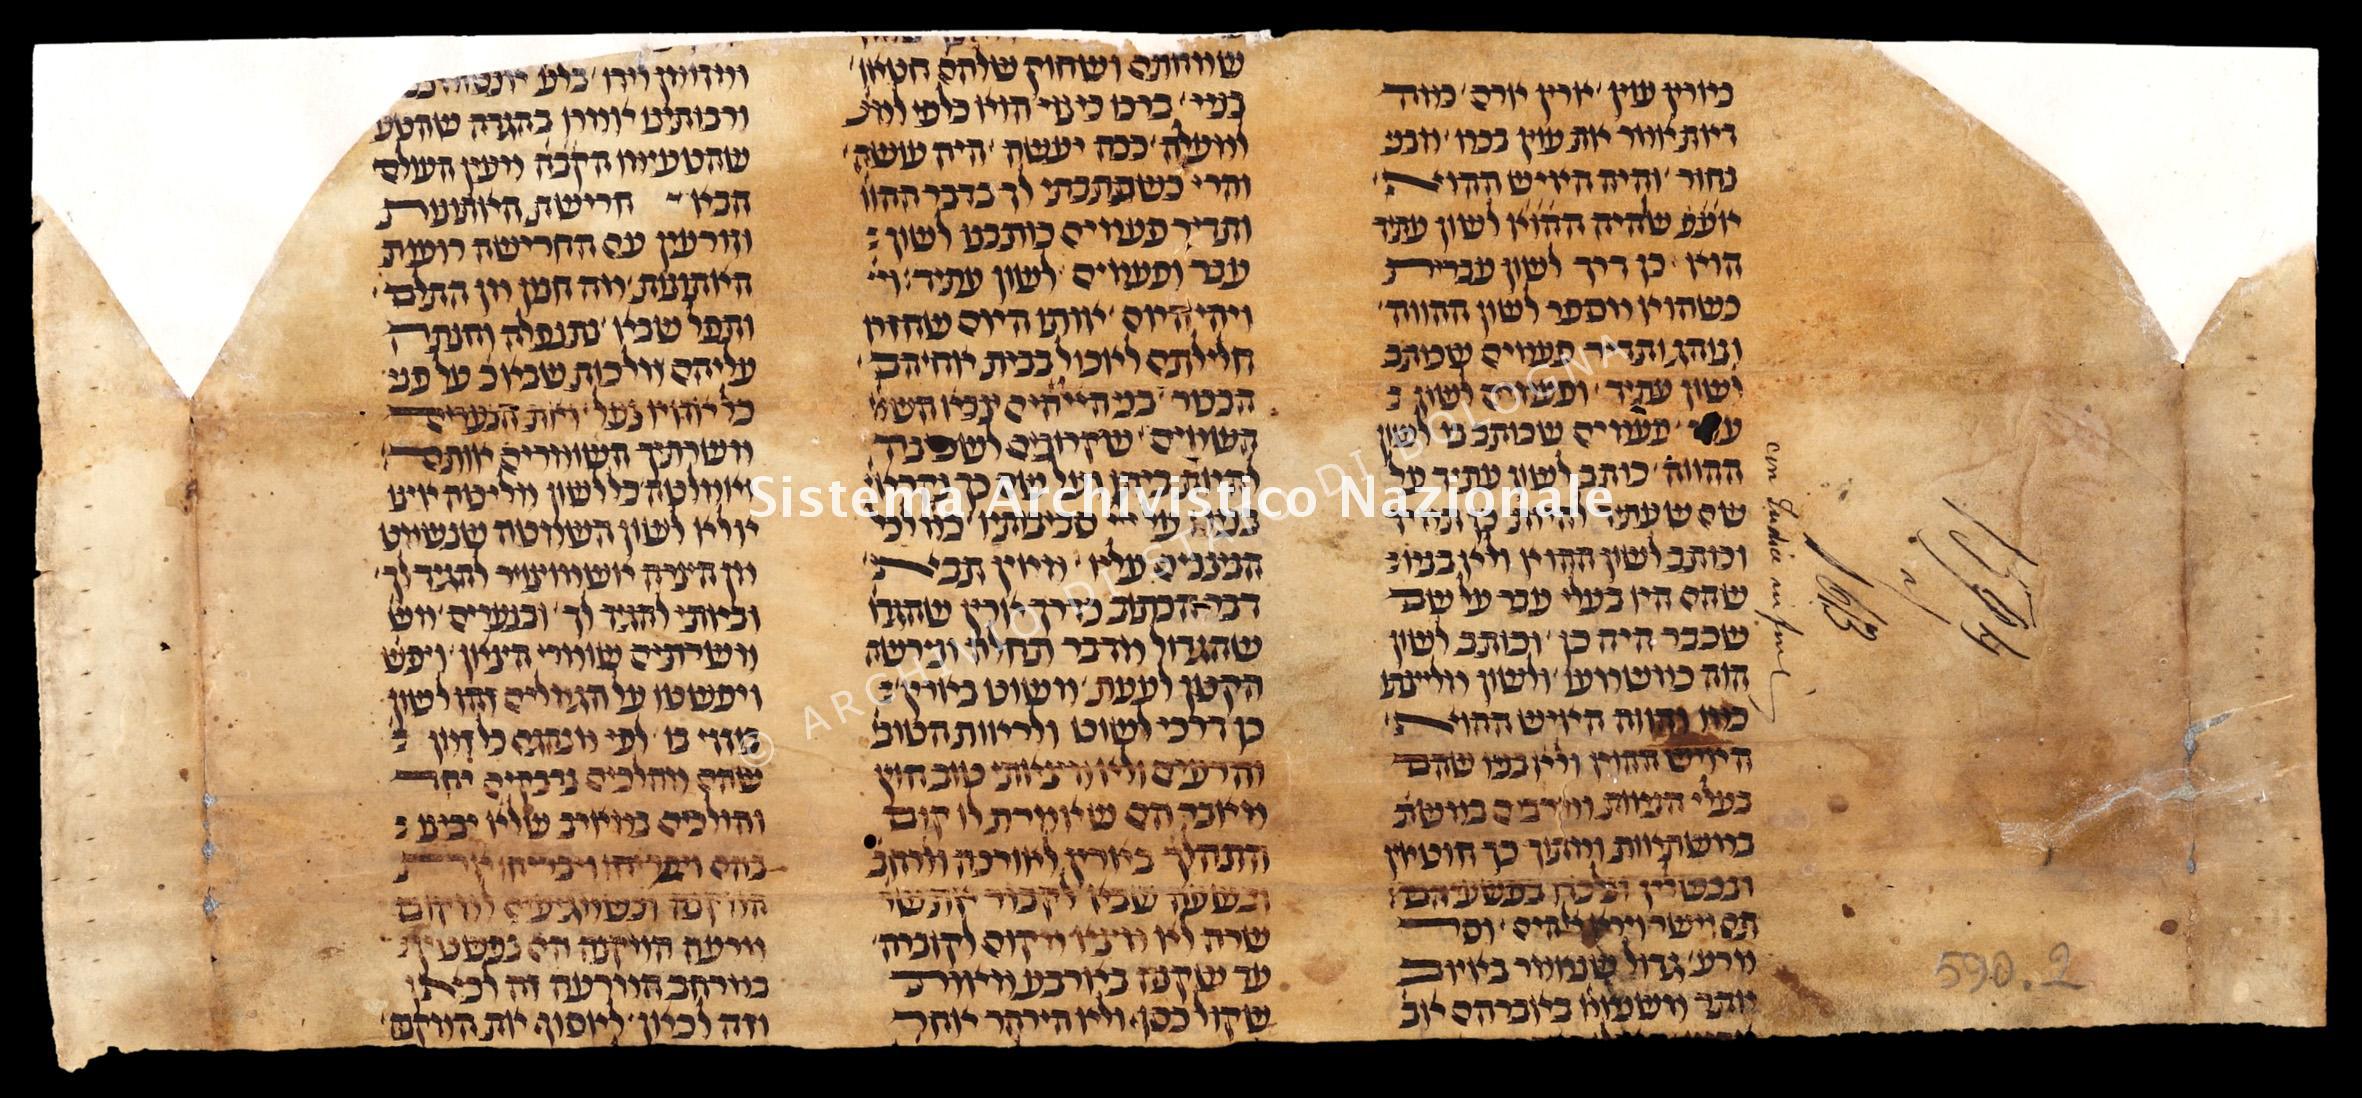 C.30.002, Archivio di Stato di Bologna, Frammenti di manoscritti, Frammenti di manoscritti ebraici, Frammento n. 590.2, recto